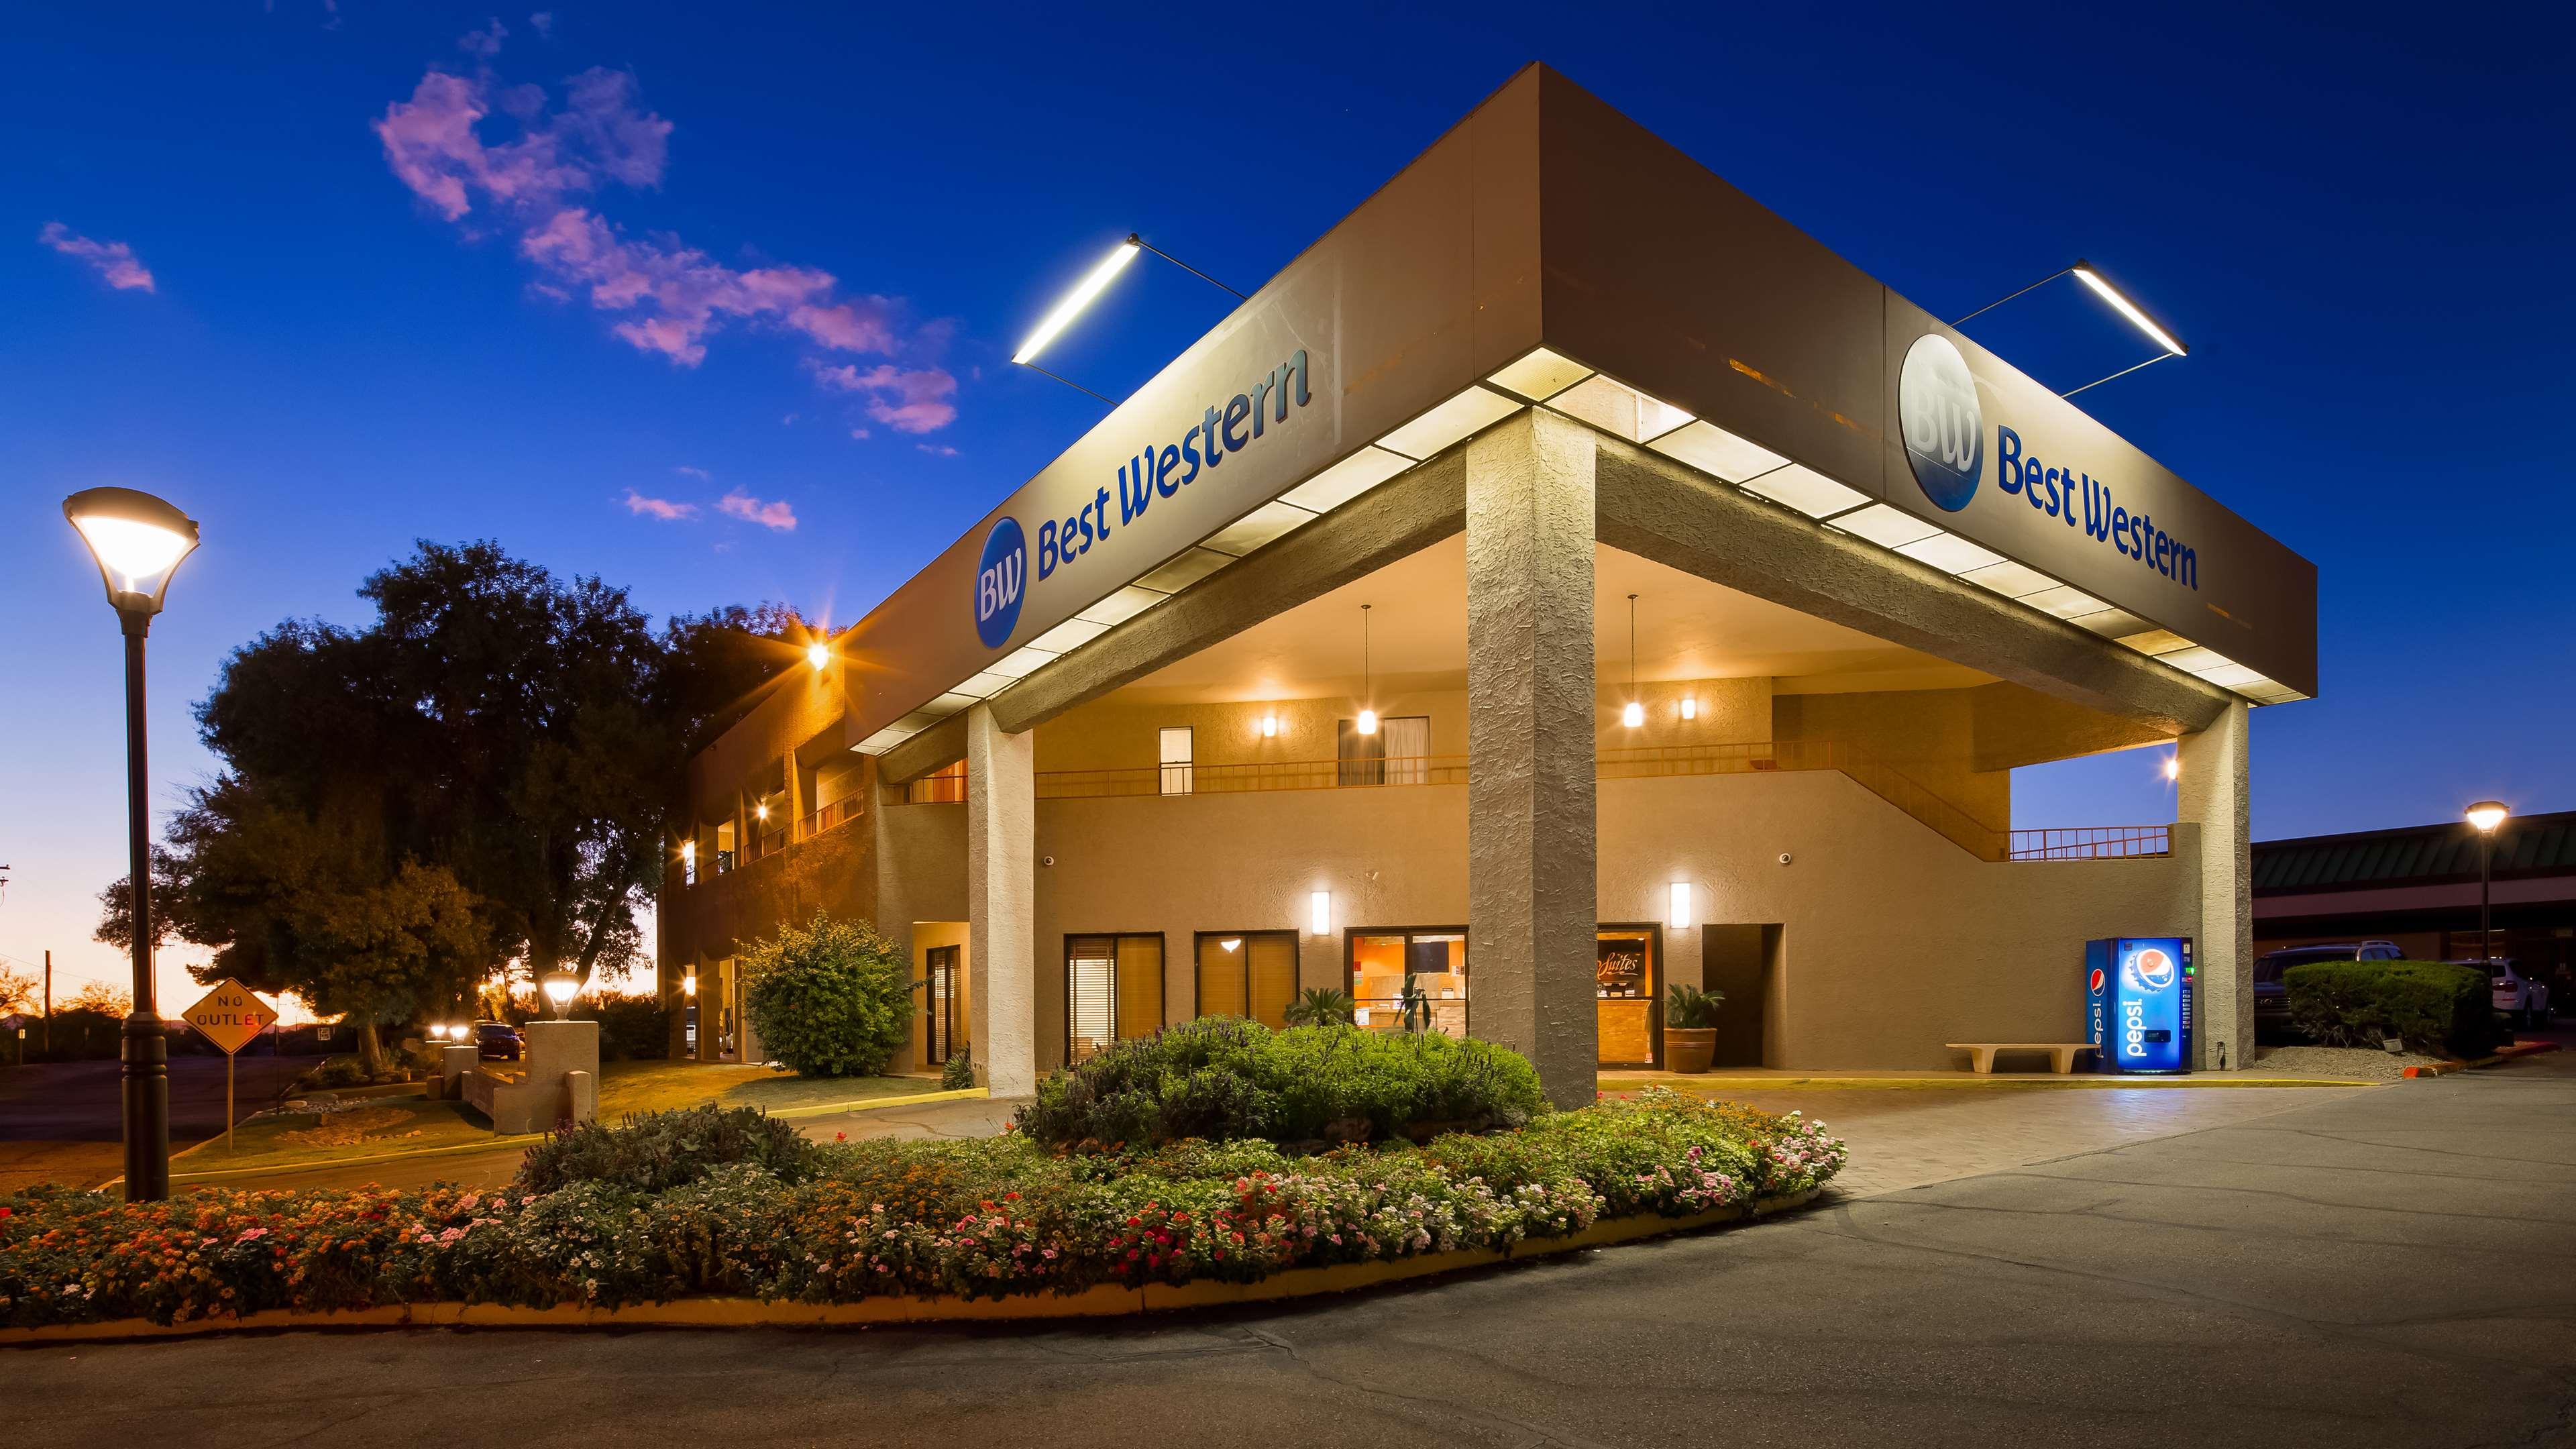 Hotels In Tucson Az Near U Of A